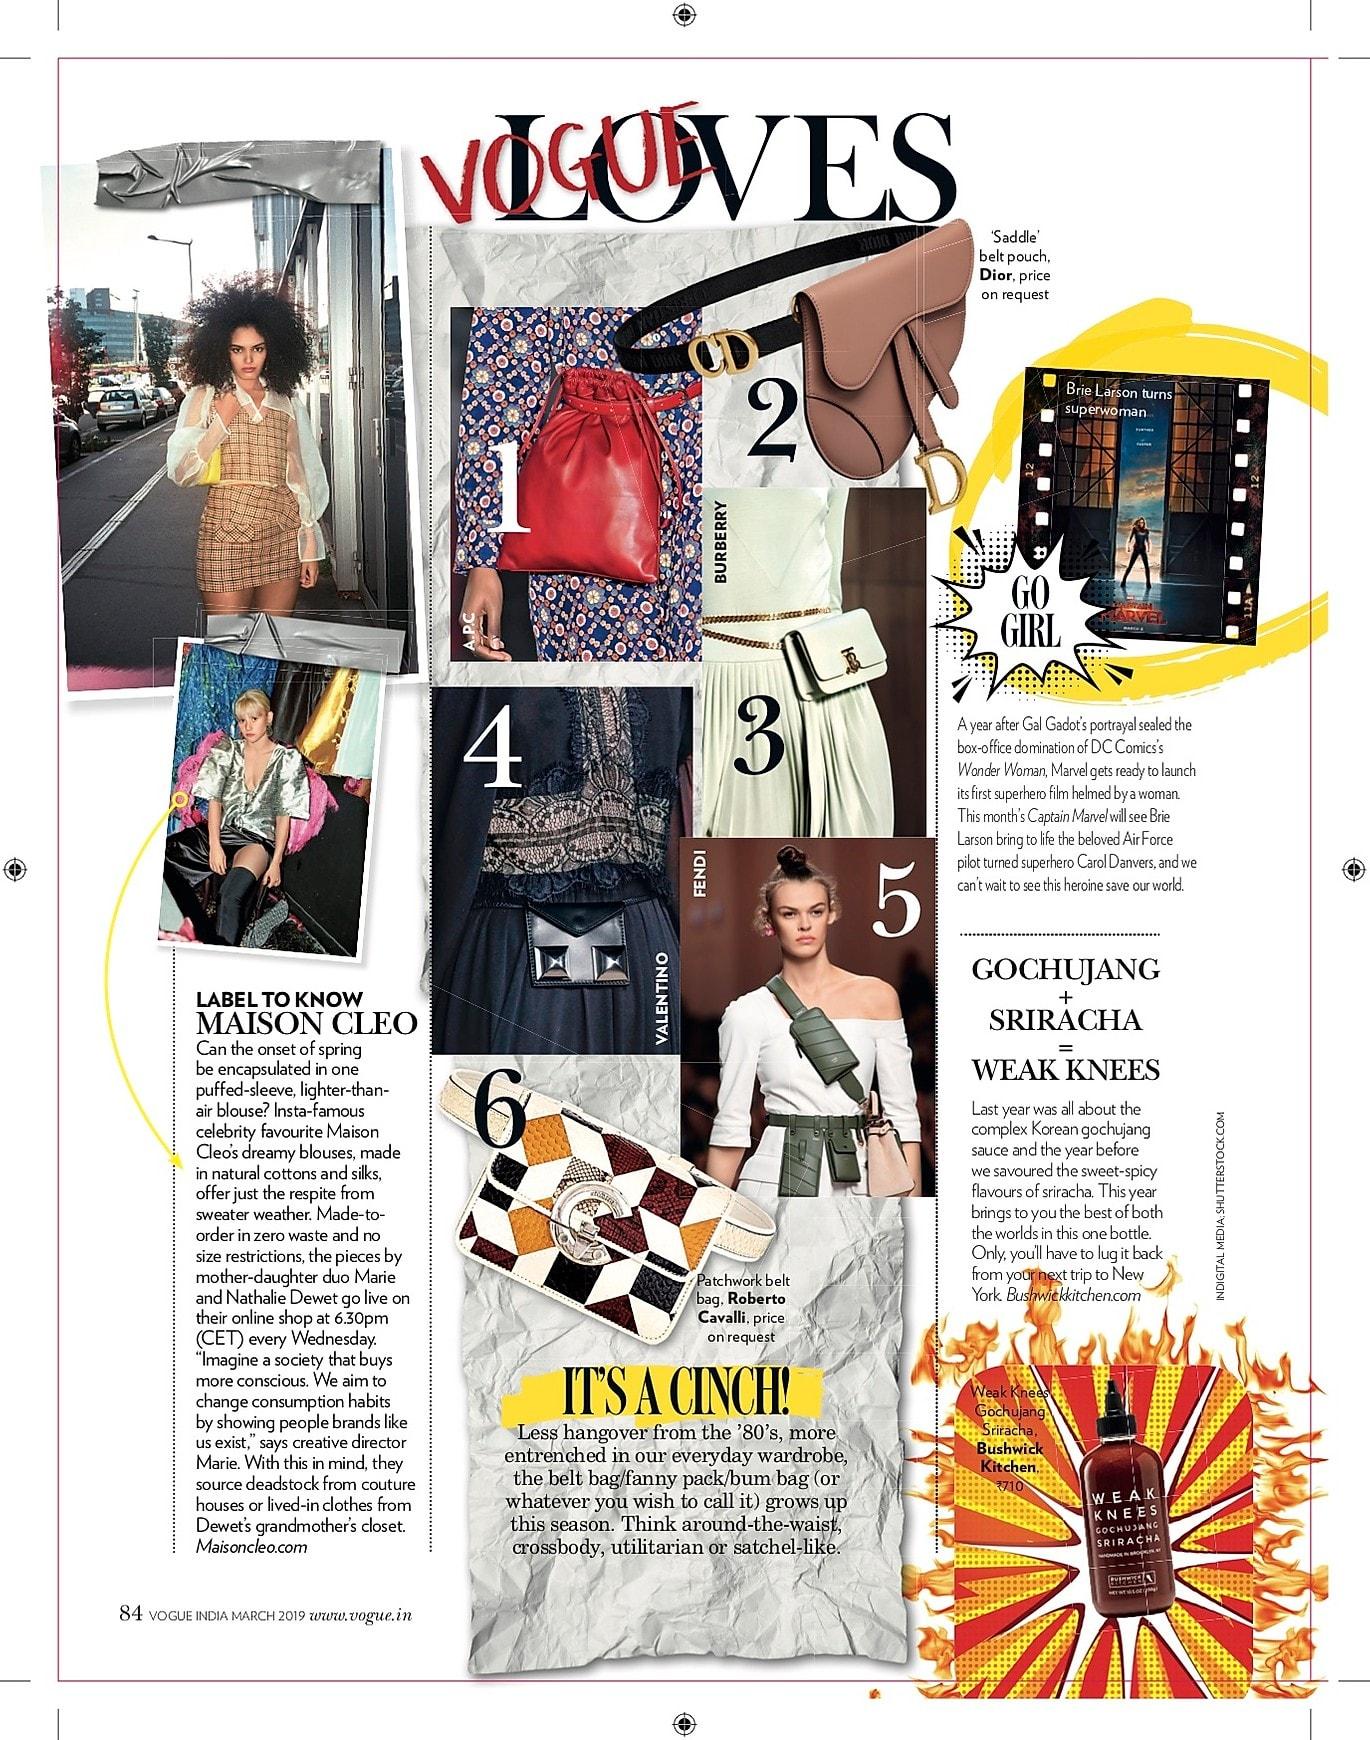 Vogue india / MaisonCléo